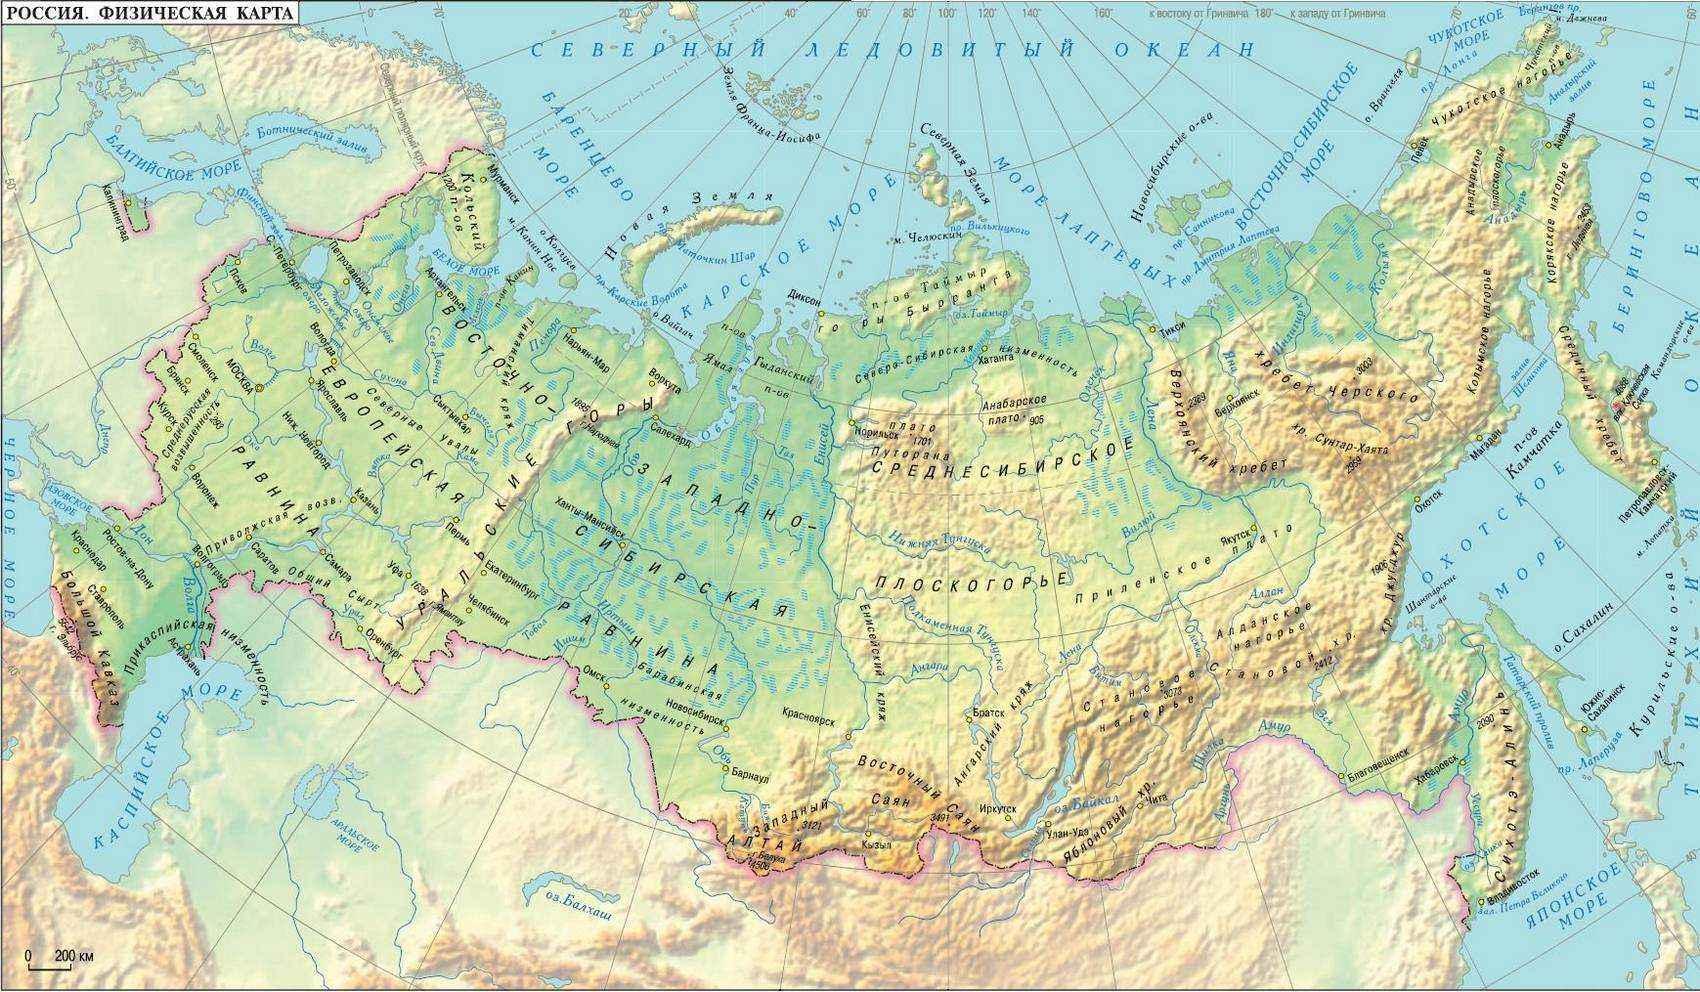 Рельеф России: характеристика, карта, ландшафт, формы и горные системы 2